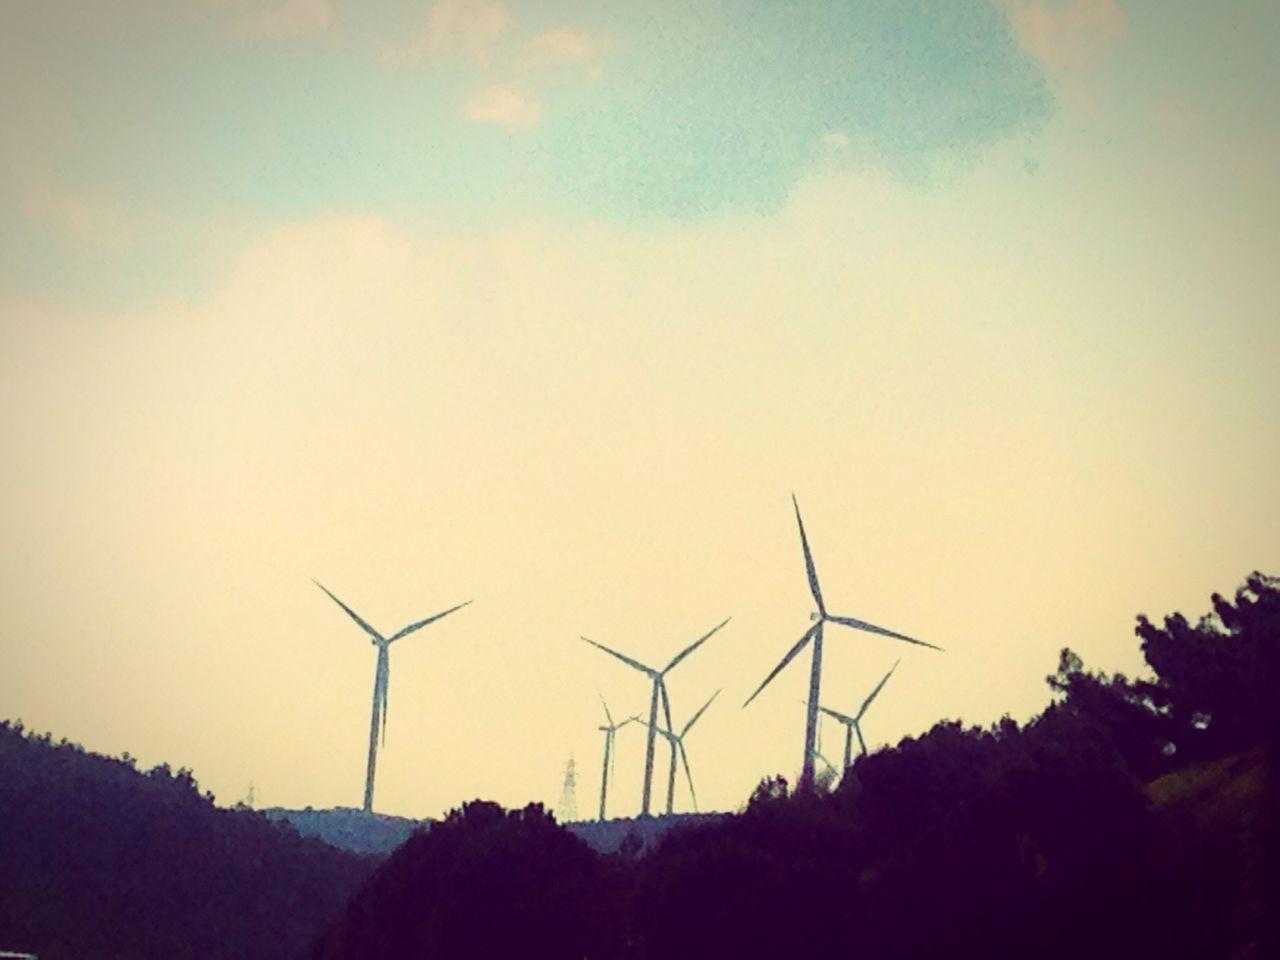 Izmir çeşme Alaçatı Tatil Rüzgar Wind Sun Clouds Highway Weekend